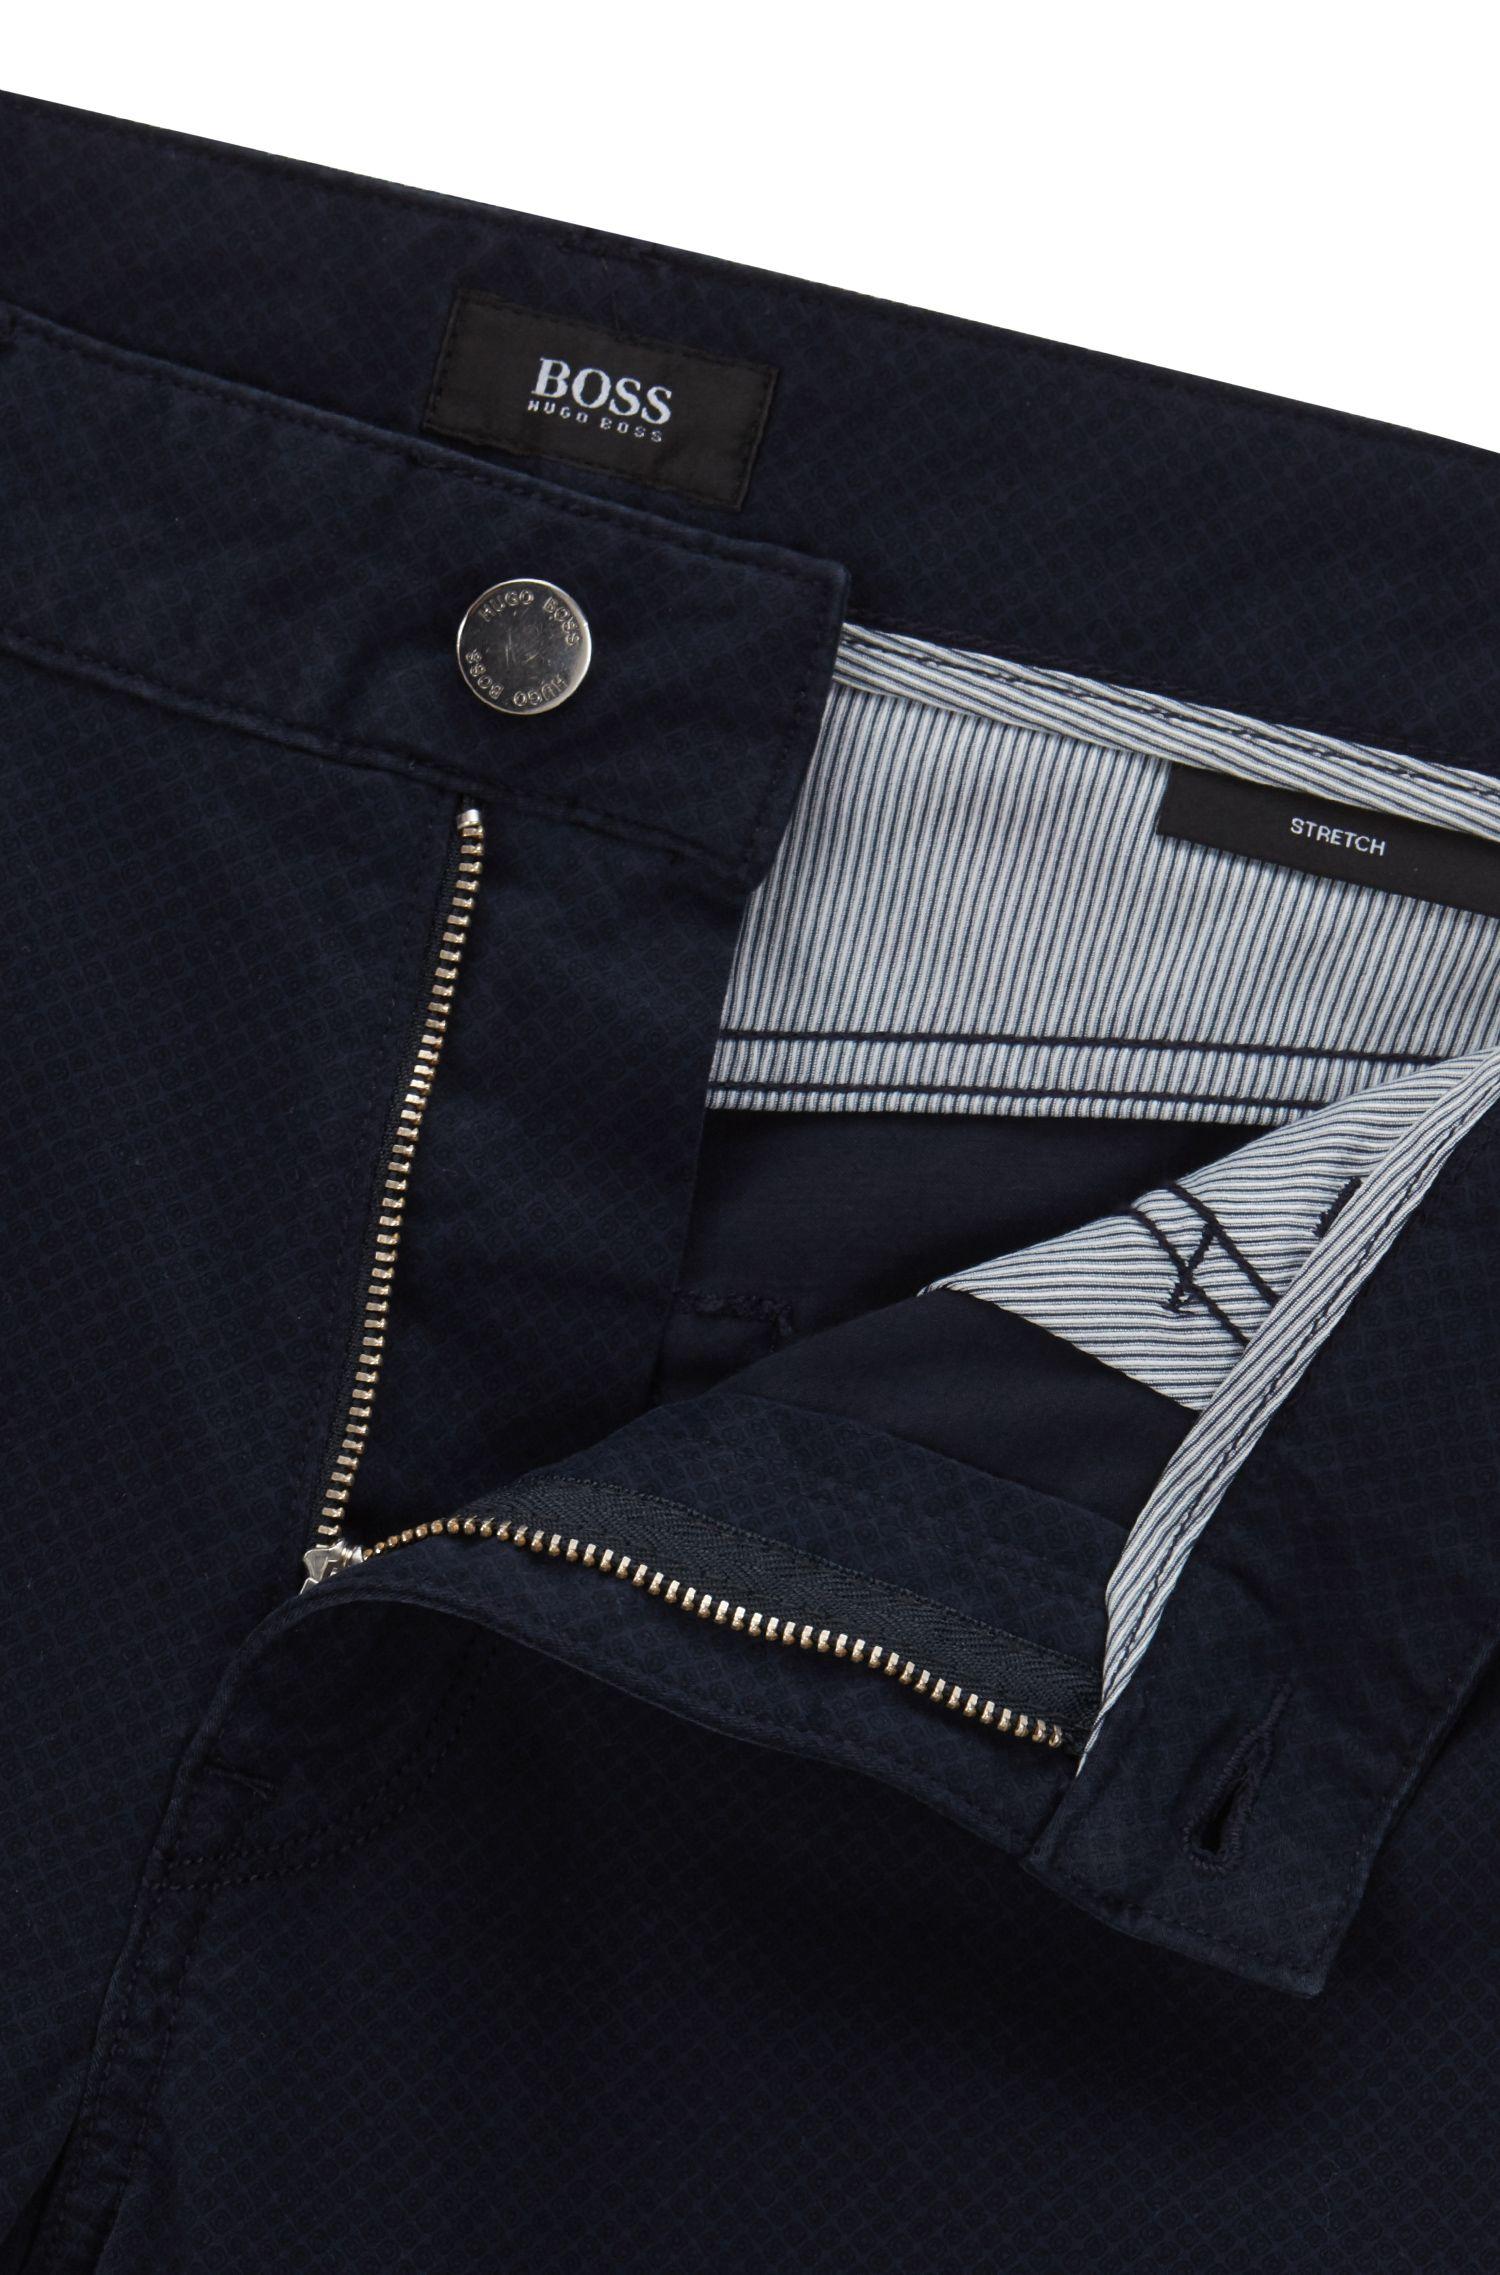 8 oz Stretch Cotton Jeans, Regular Fit | Maine, Dark Blue